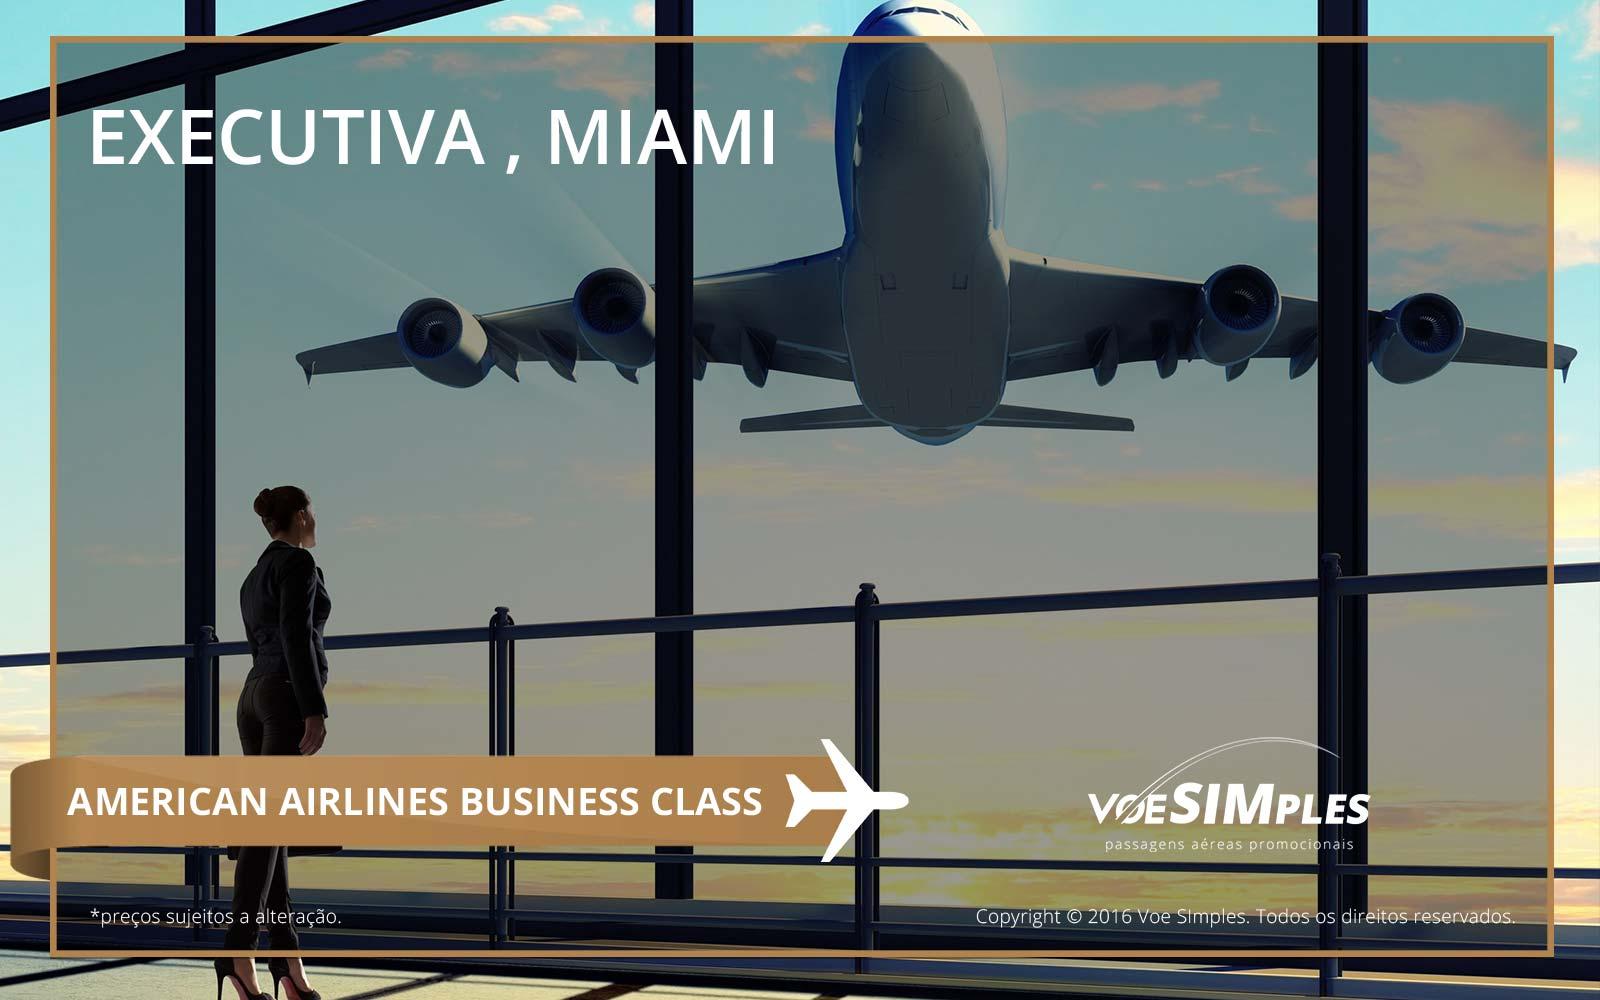 passagem aérea classe executiva para miami